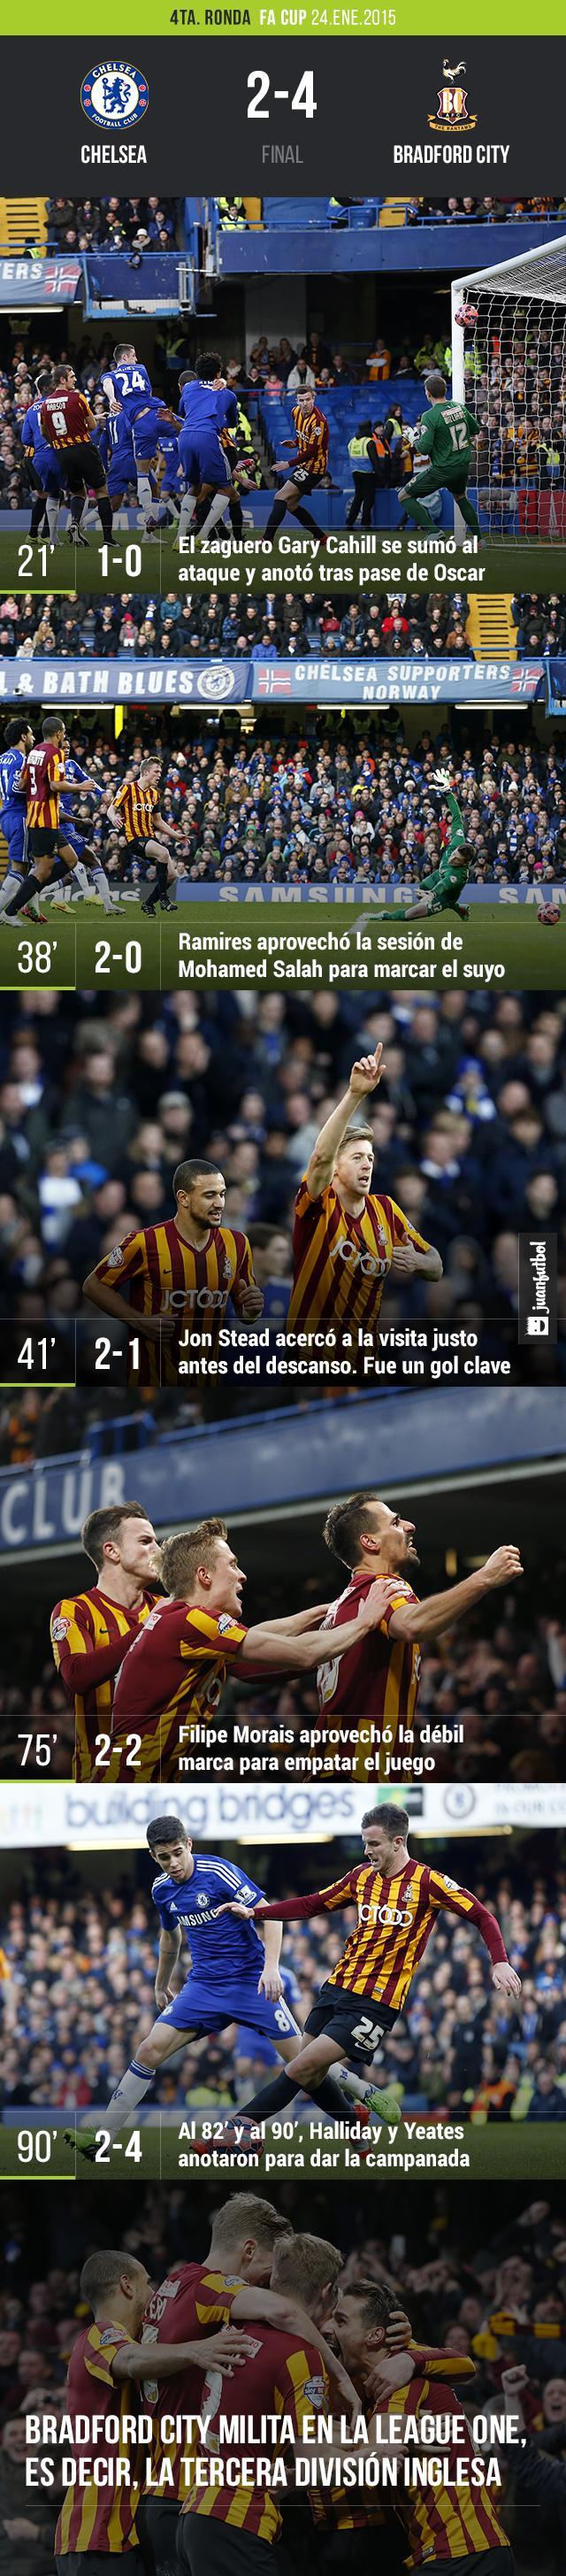 Chelsea vs. Bradford City